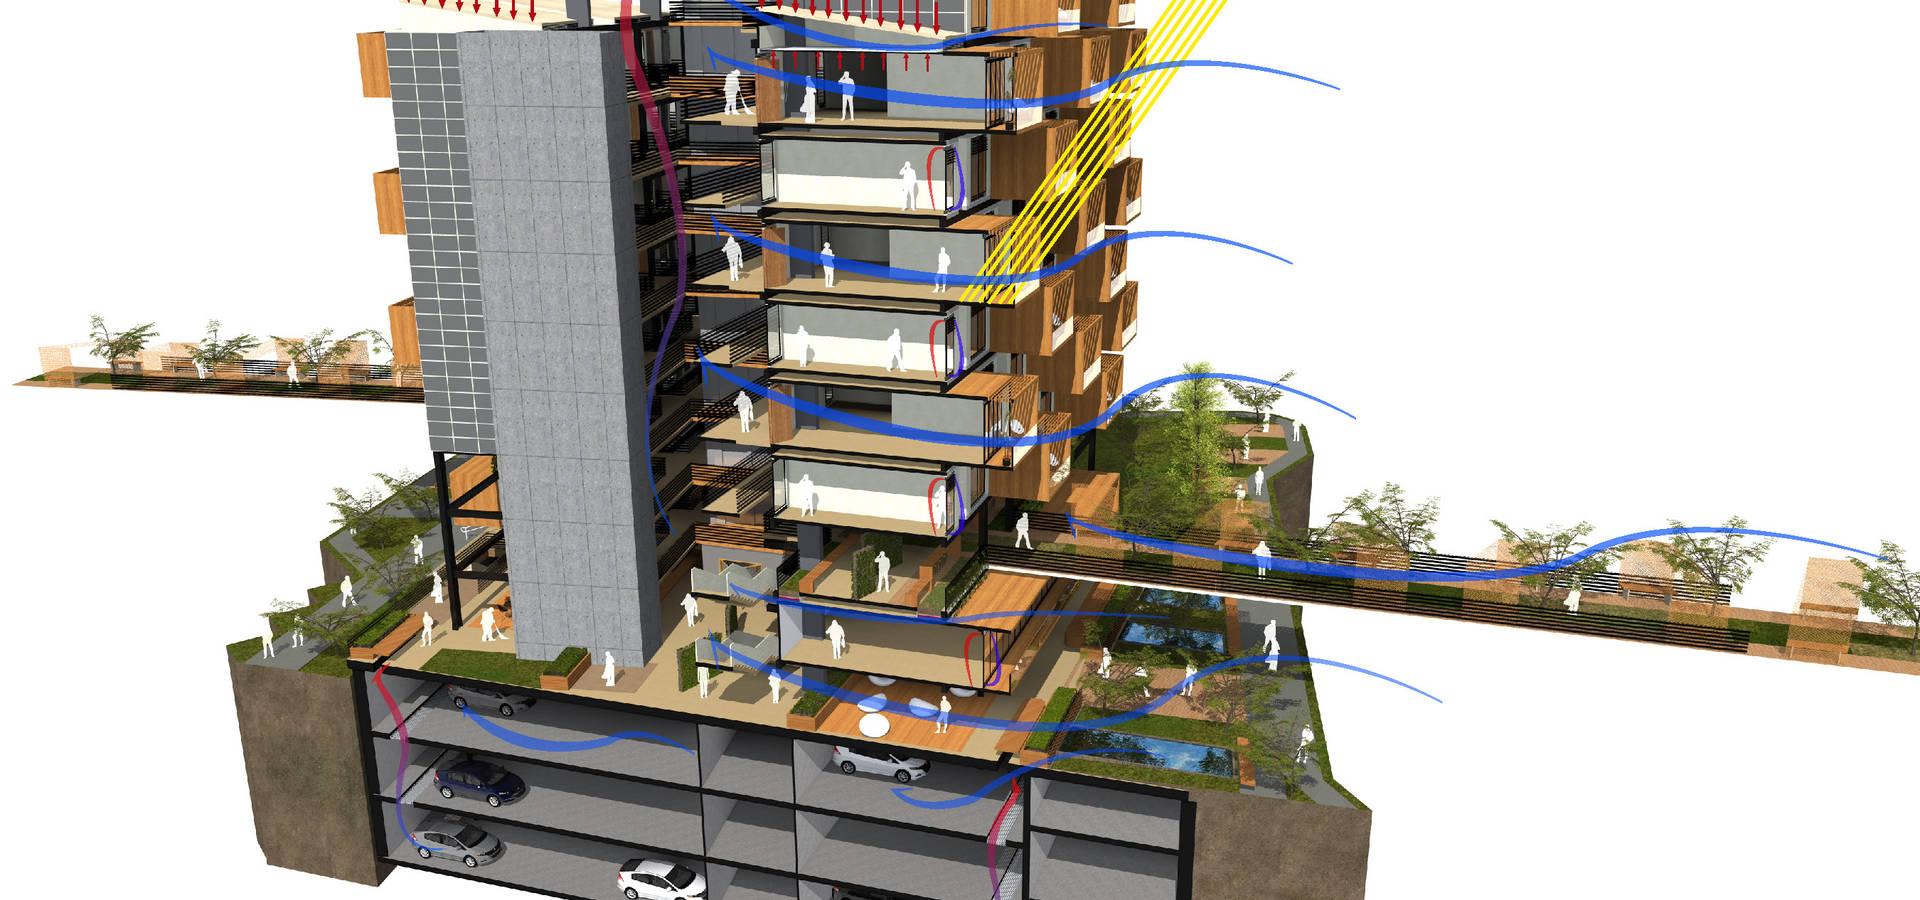 AbiOS Estudio de Arquitectura